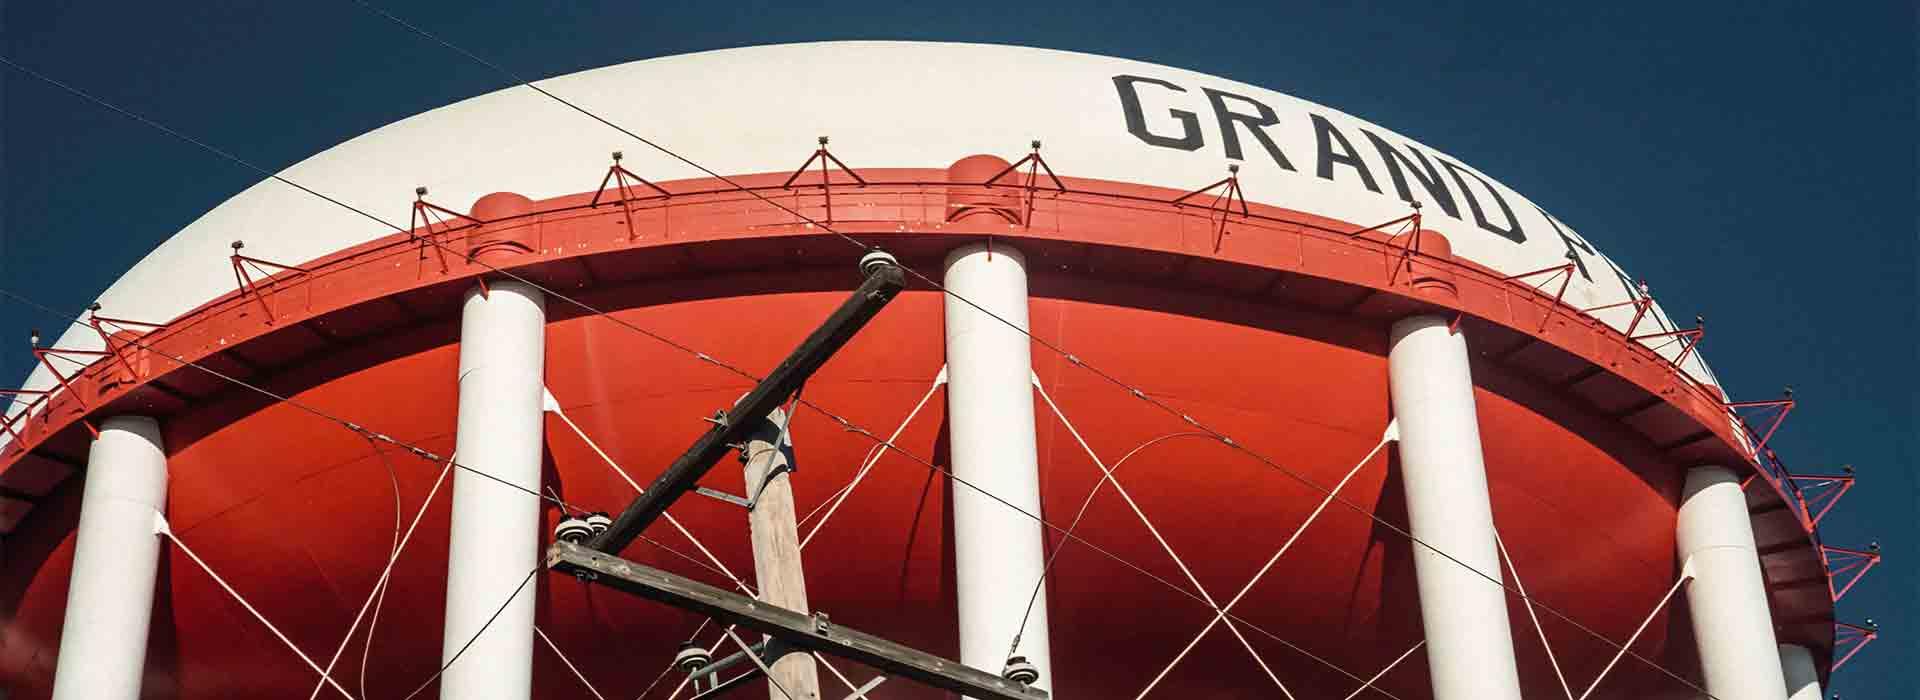 Grand Prairie Quiktrip Park